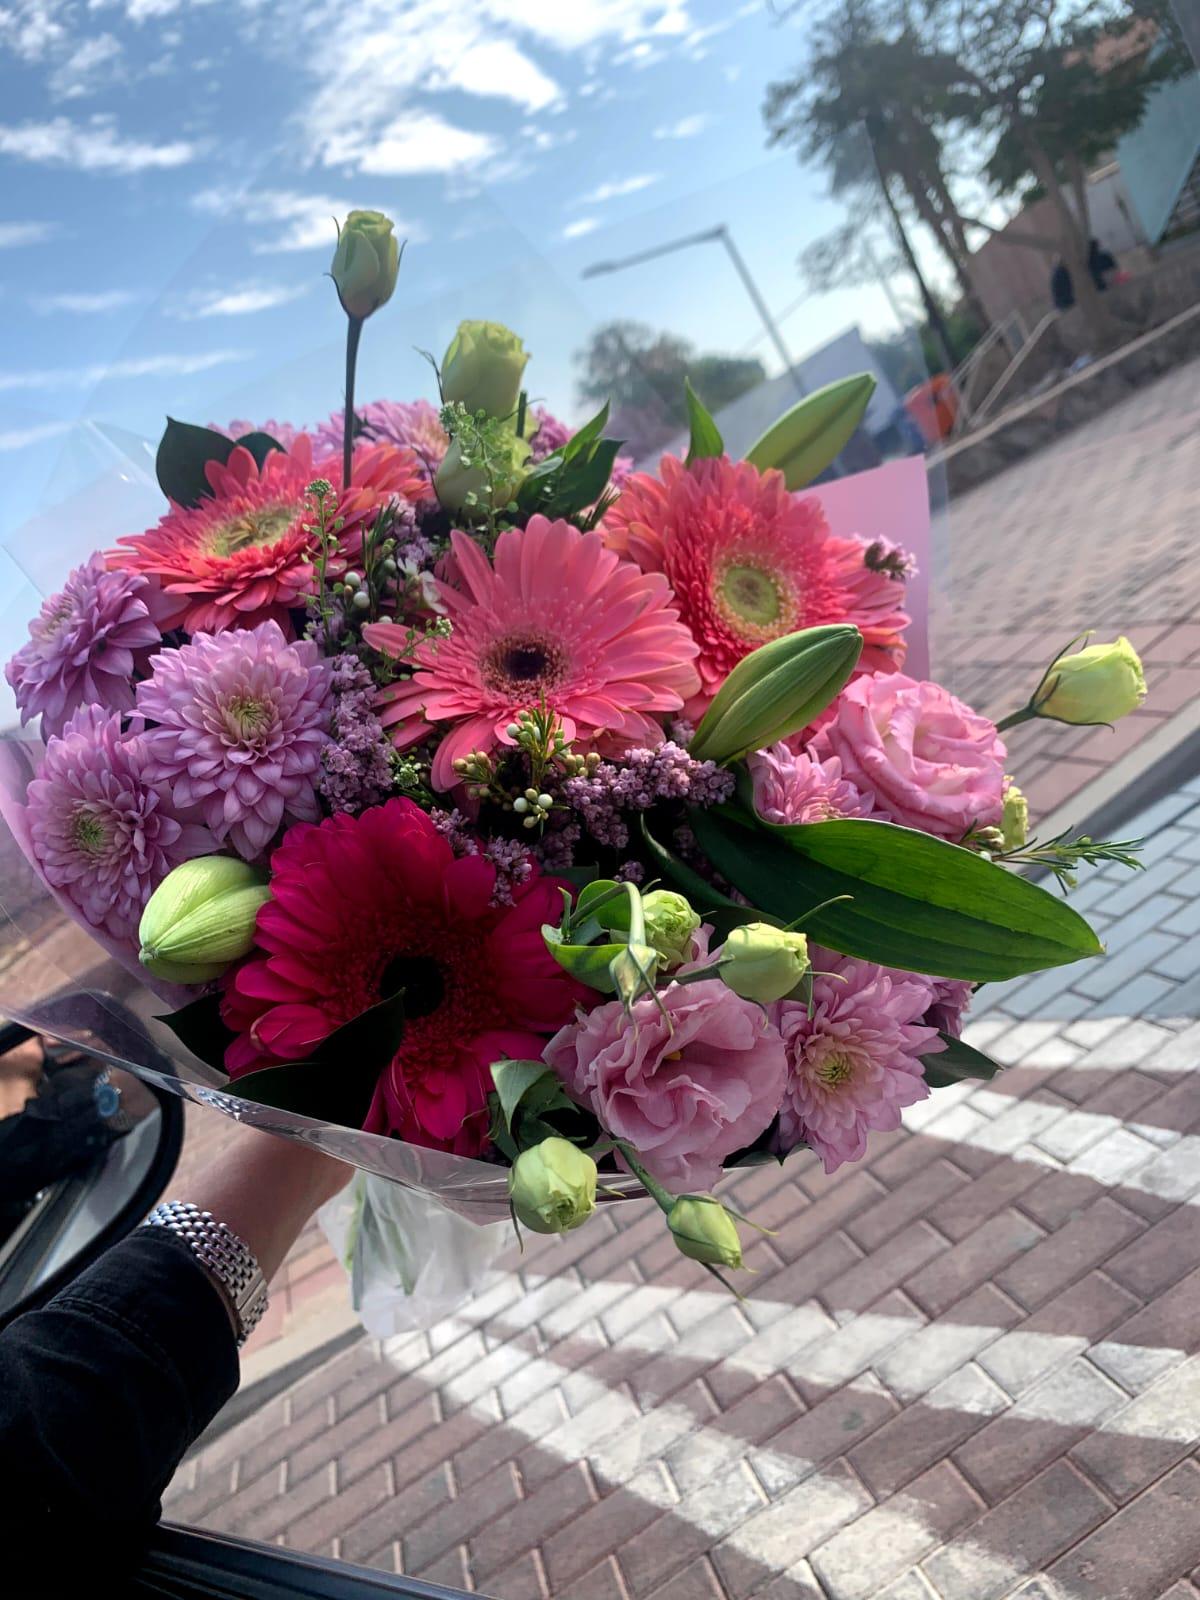 חיים ורודים - פרח באהבה - אילת